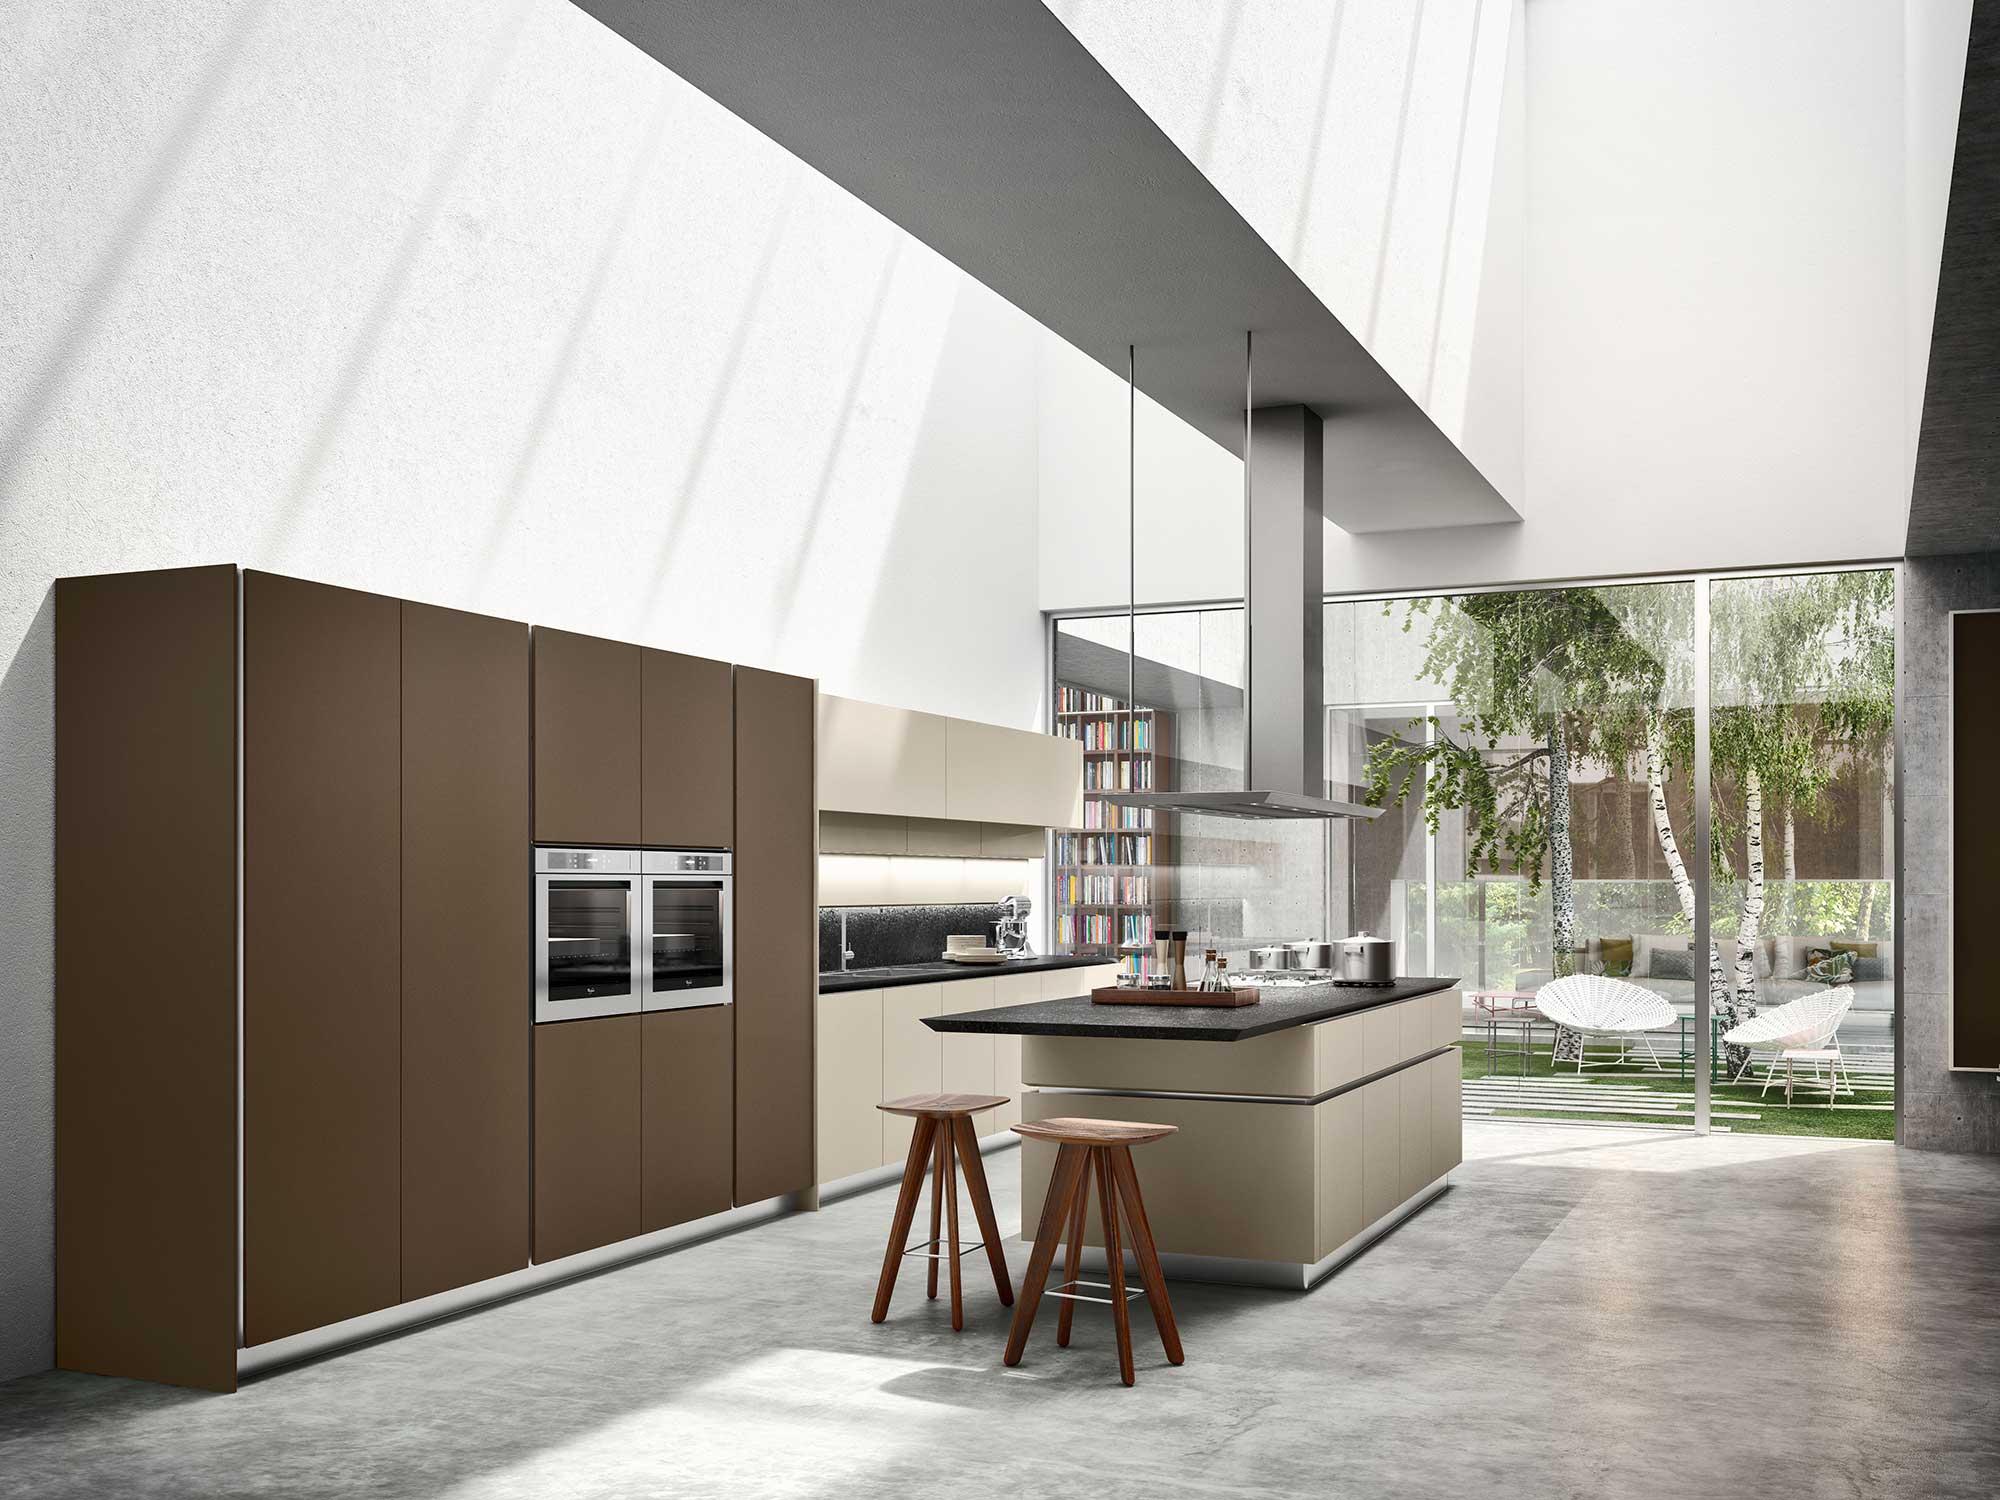 20 kreatív ötlet modern konyhasziget tervezéséhez